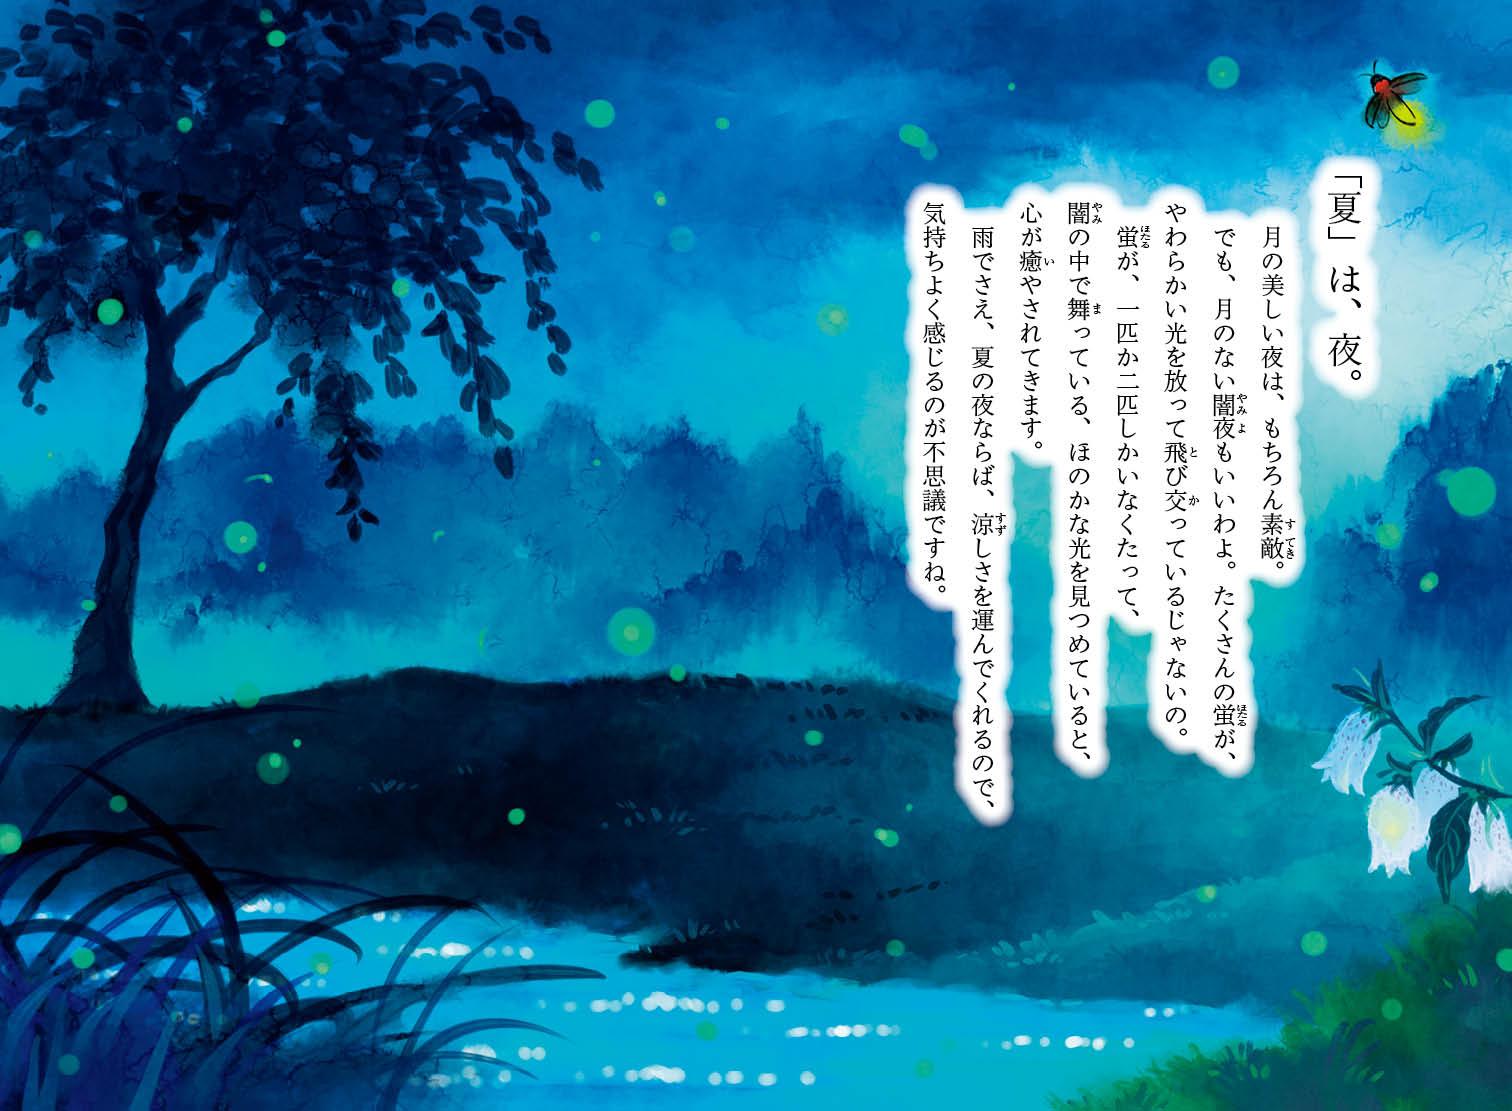 『こころきらきら枕草子』を試し読みの画像7